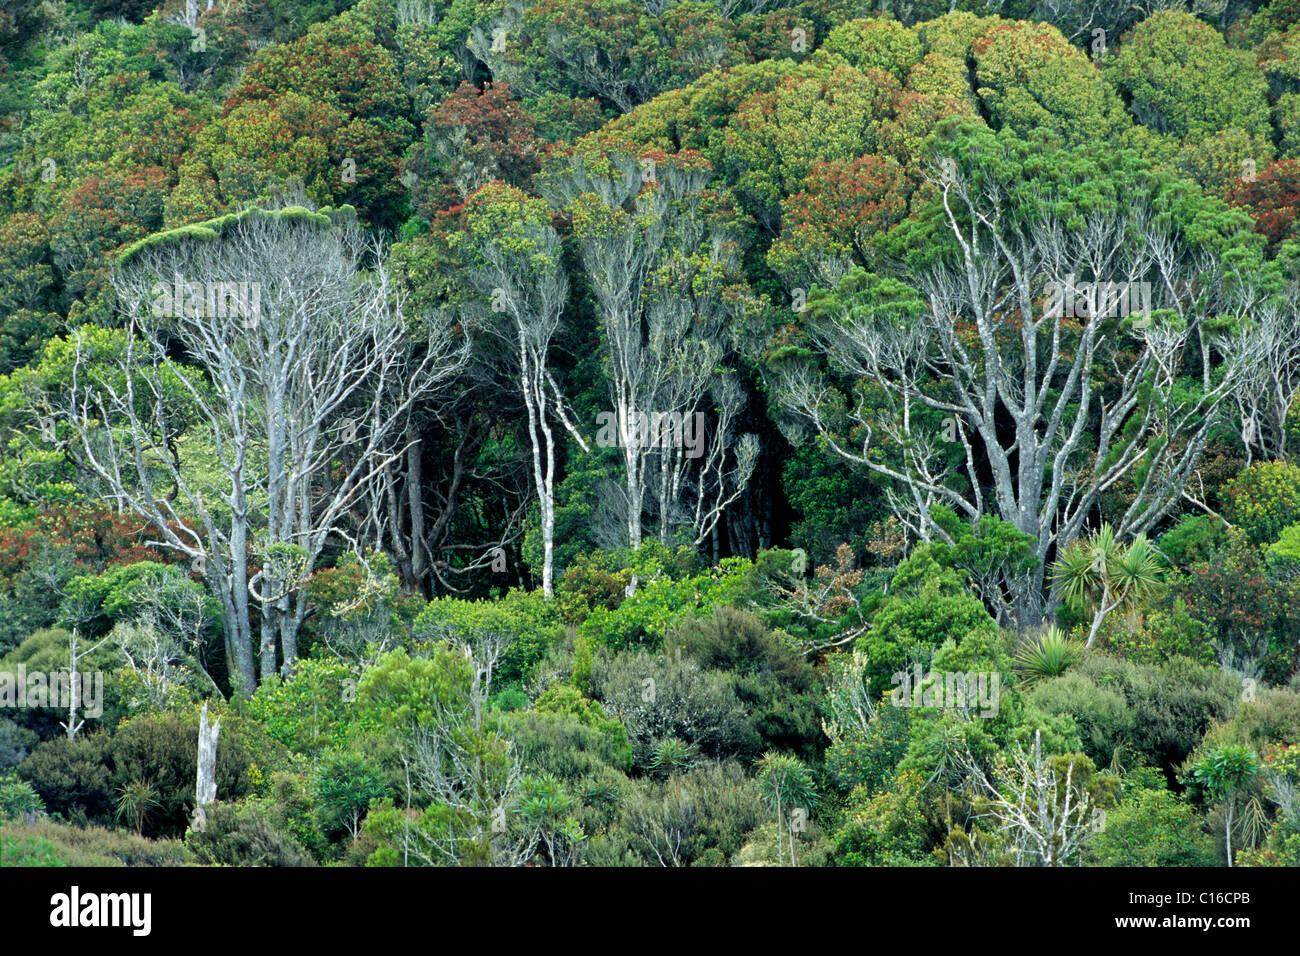 Coastal vegetation, South Island, New Zealand - Stock Image